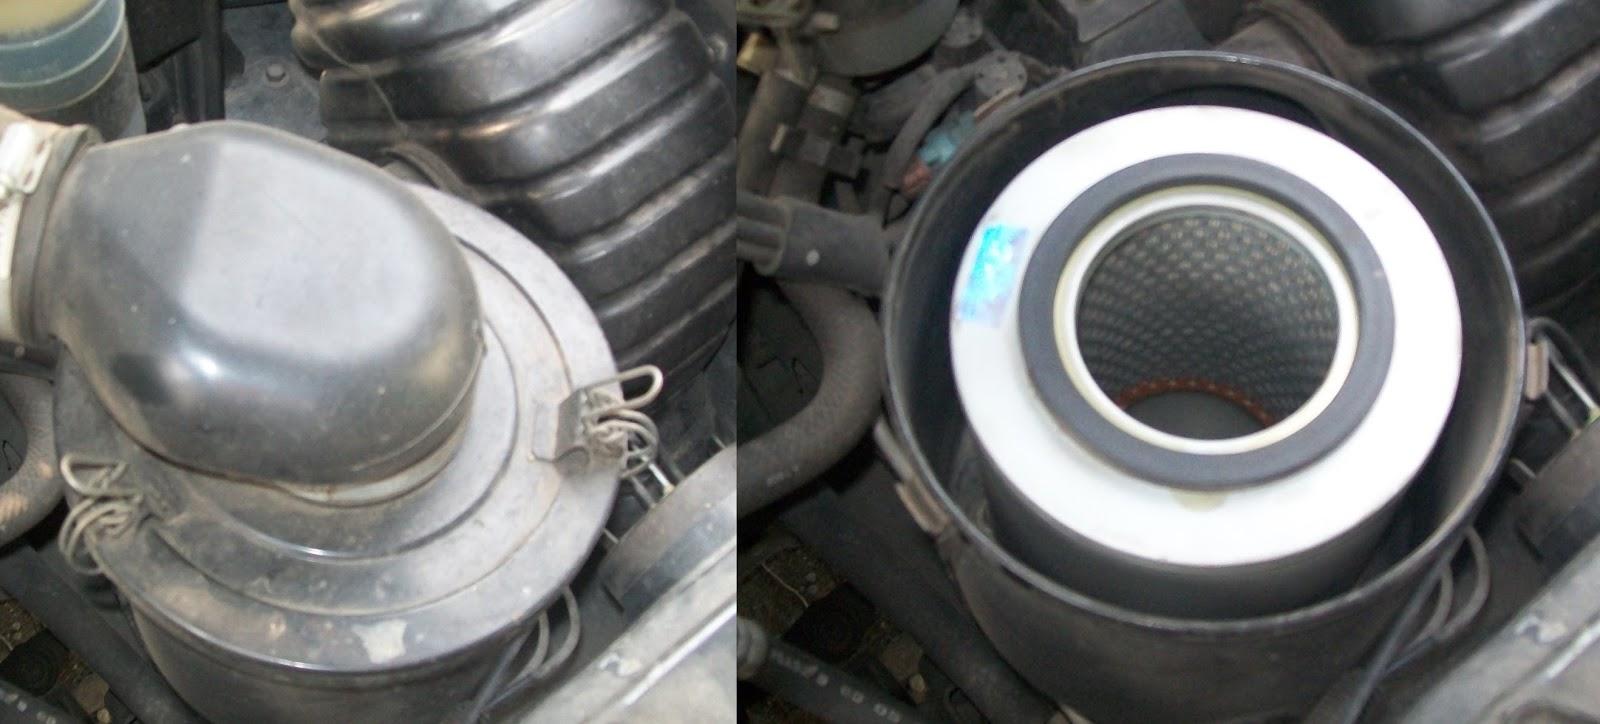 saringan udara / filter udara dan cara membersihkan | automotif